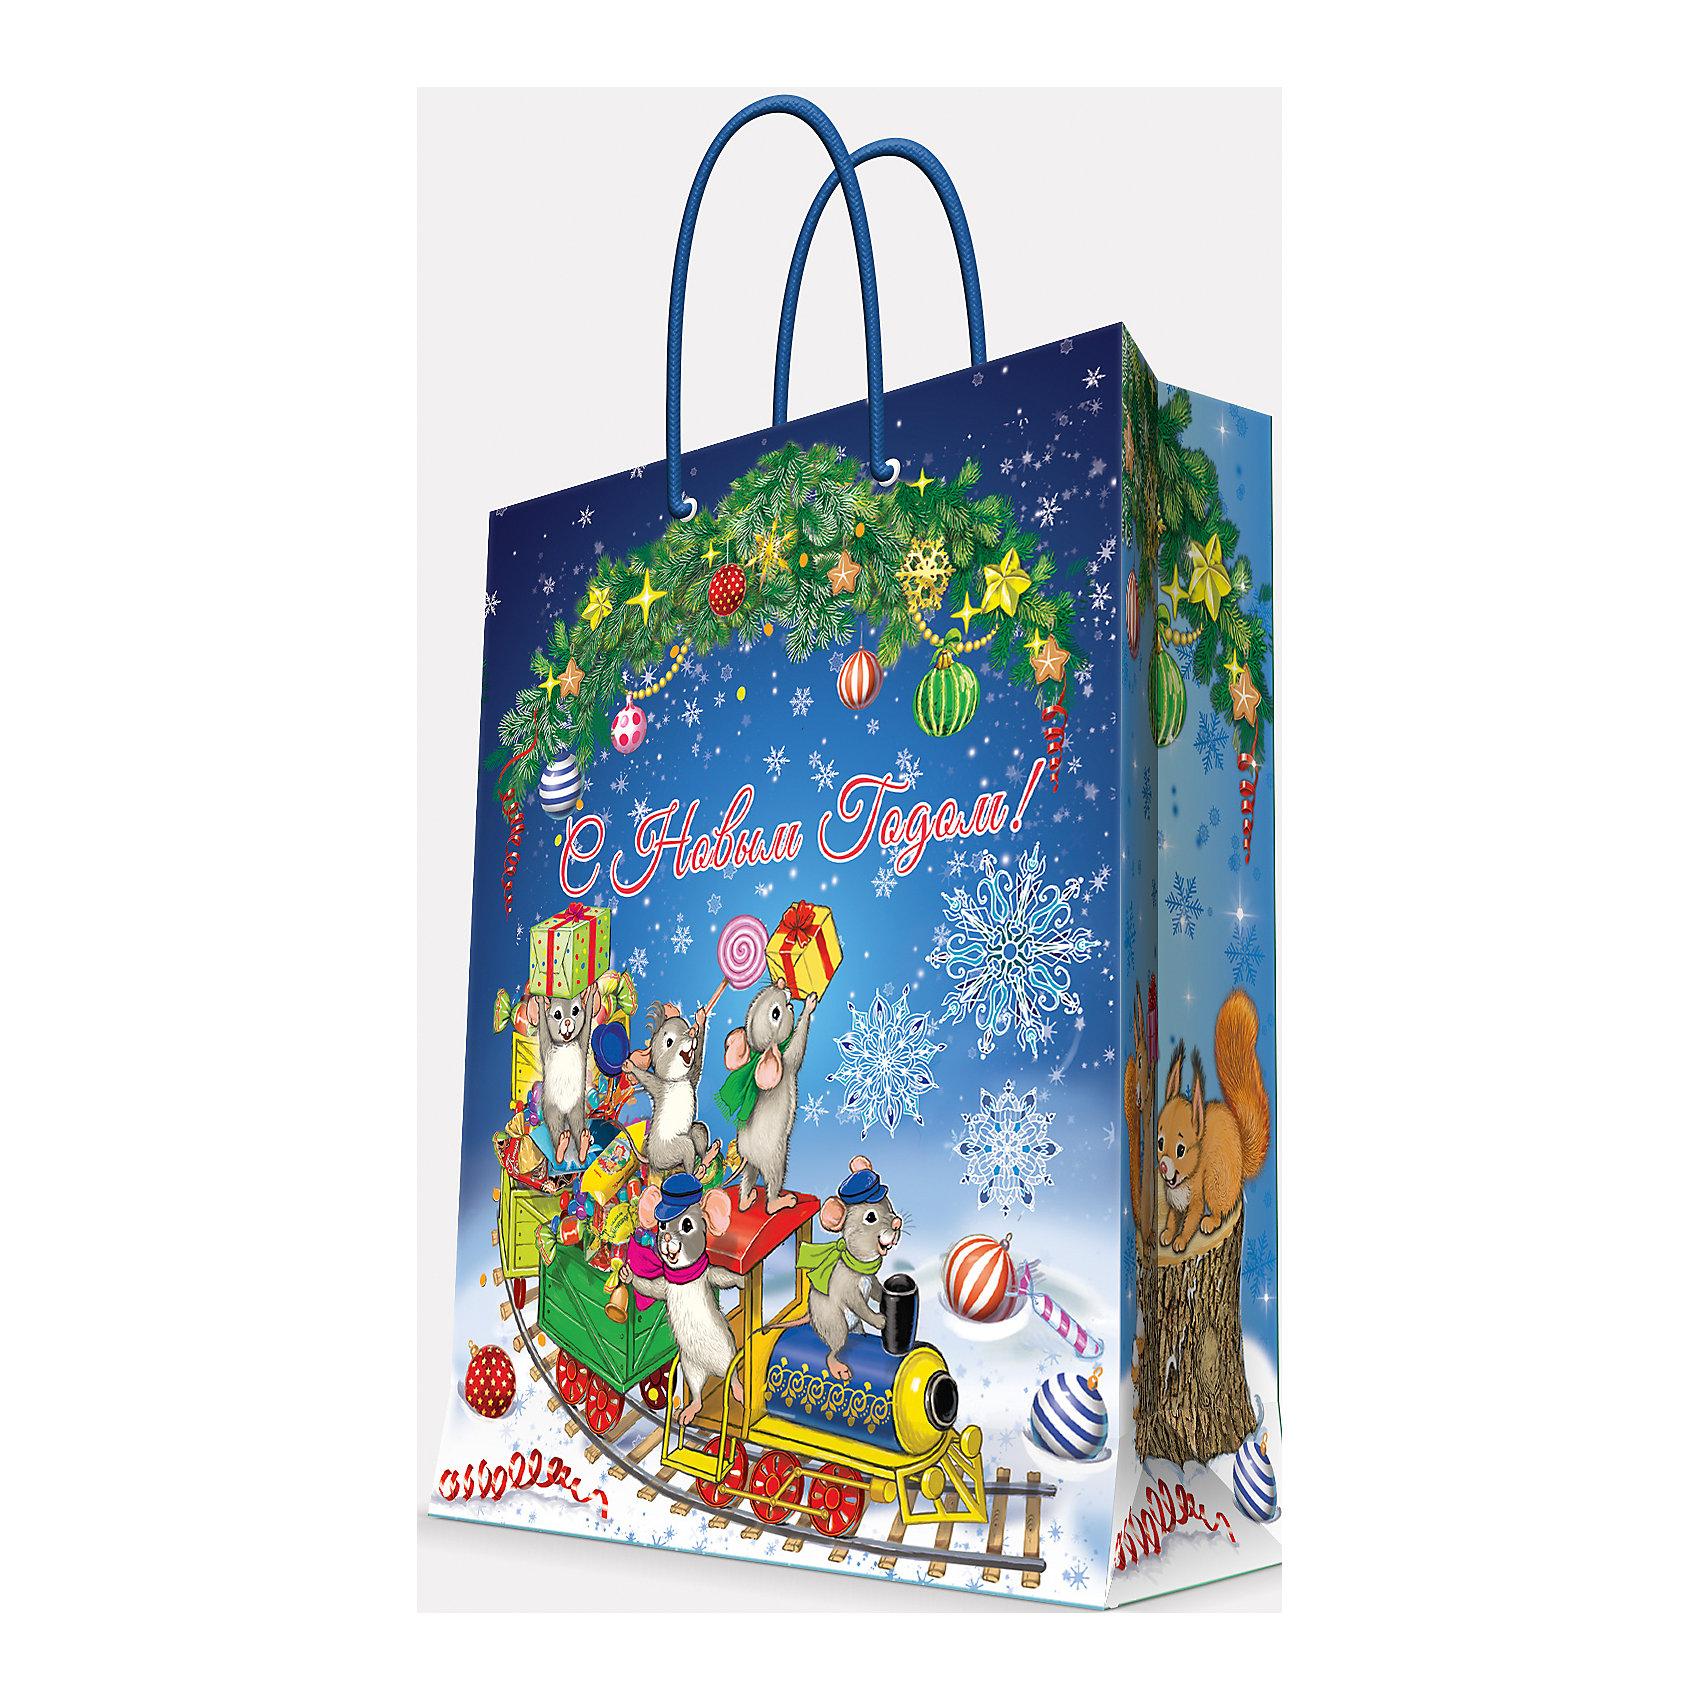 Подарочный пакет Новогодний паровозик и мышата 26*32,4*12,7Всё для праздника<br>Приближение Нового года не может не радовать! Праздничное настроение создает украшенный дом, наряженная ёлка, запах мандаринов, предновогодняя суета и, конечно же, подарки! Чтобы сделать момент вручения приятнее, нужен красивый подарочный пакет.<br>Этот пакет украшен симпатичным универсальным рисунком, поэтому в него можно упаковать подарок и родственнику, и коллеге. Он сделан из безопасного для детей, прочного, но легкого, материала. Создайте с ним праздничное настроение себе и близким!<br><br>Дополнительная информация:<br><br>плотность бумаги: 140 г/м2;<br>размер: 26 х 32 х 13 см;<br>с ламинацией;<br>украшен рисунком.<br><br>Подарочный пакет Новогодний паровозик и мышата 26*32,4*12,7 см можно купить в нашем магазине.<br><br>Ширина мм: 260<br>Глубина мм: 234<br>Высота мм: 127<br>Вес г: 71<br>Возраст от месяцев: 36<br>Возраст до месяцев: 2147483647<br>Пол: Унисекс<br>Возраст: Детский<br>SKU: 4981598